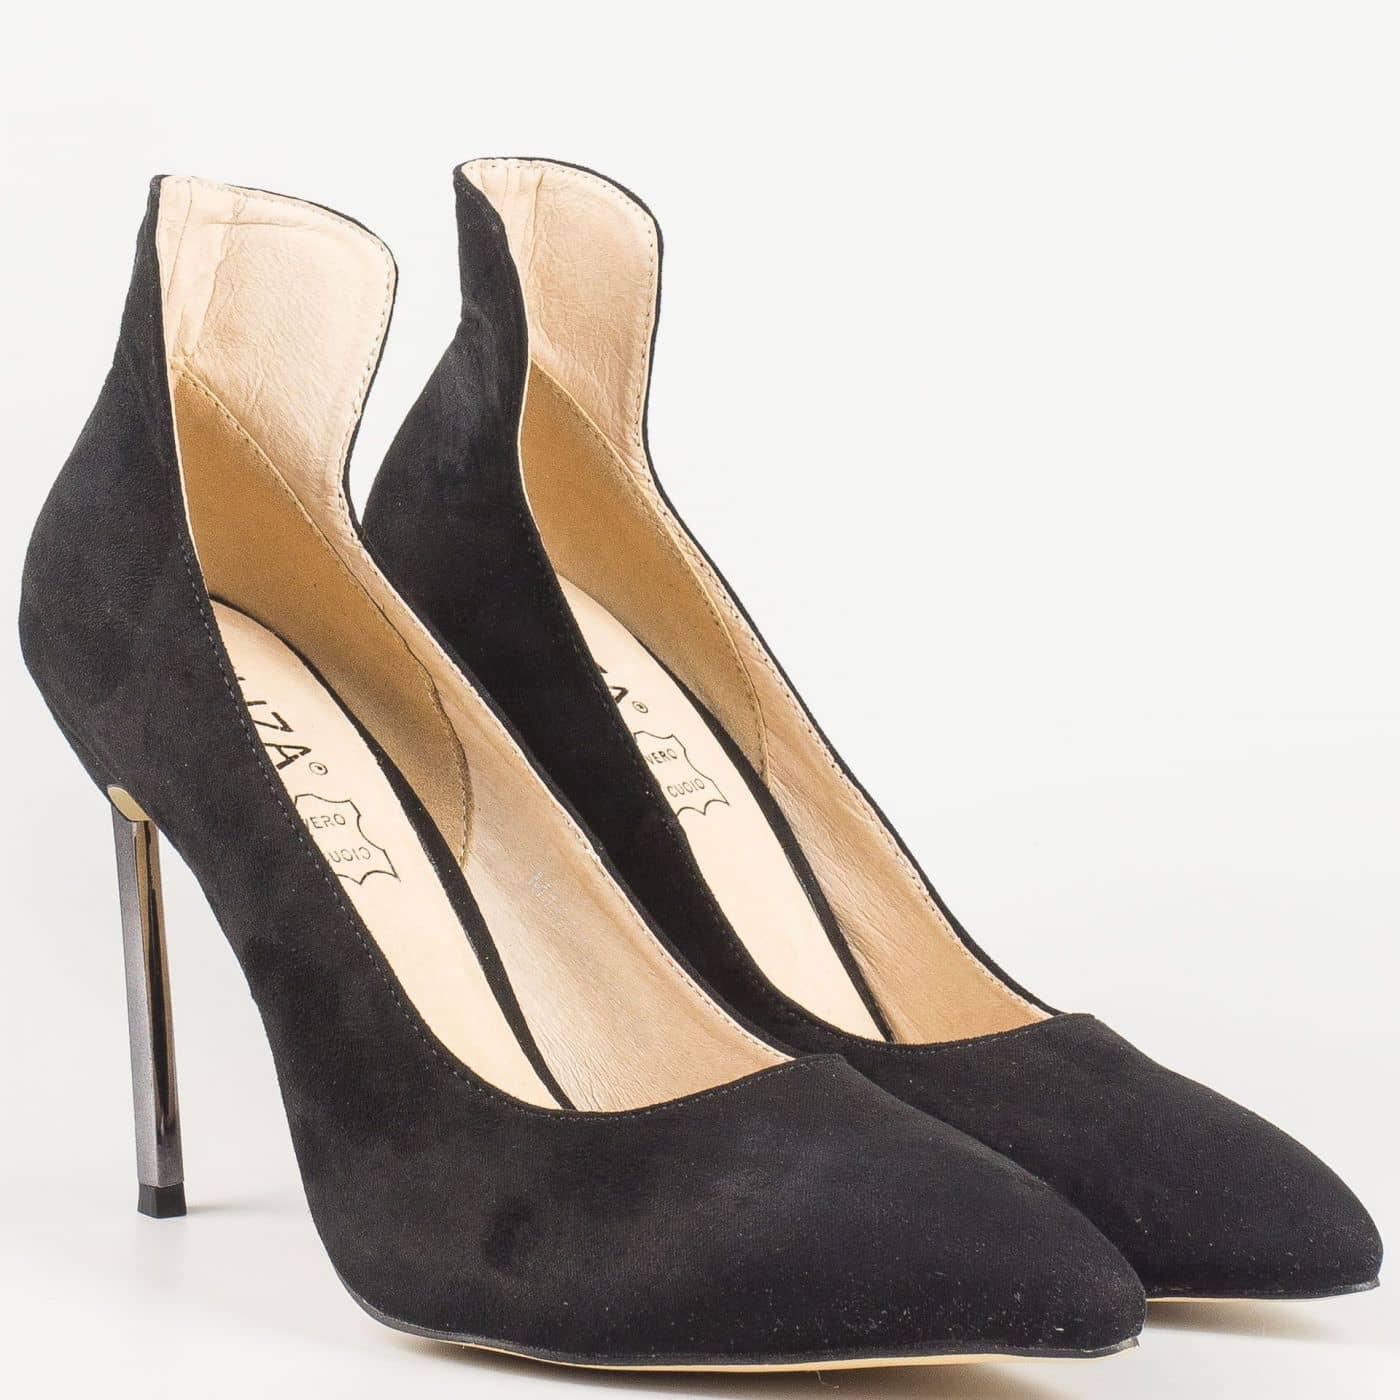 b68c2074fa5 Дамски елегантни обувки на висок метален ток в черен цвят- Eliza със стелка  от естествена кожа 1522805ch - Sisi-bg.com